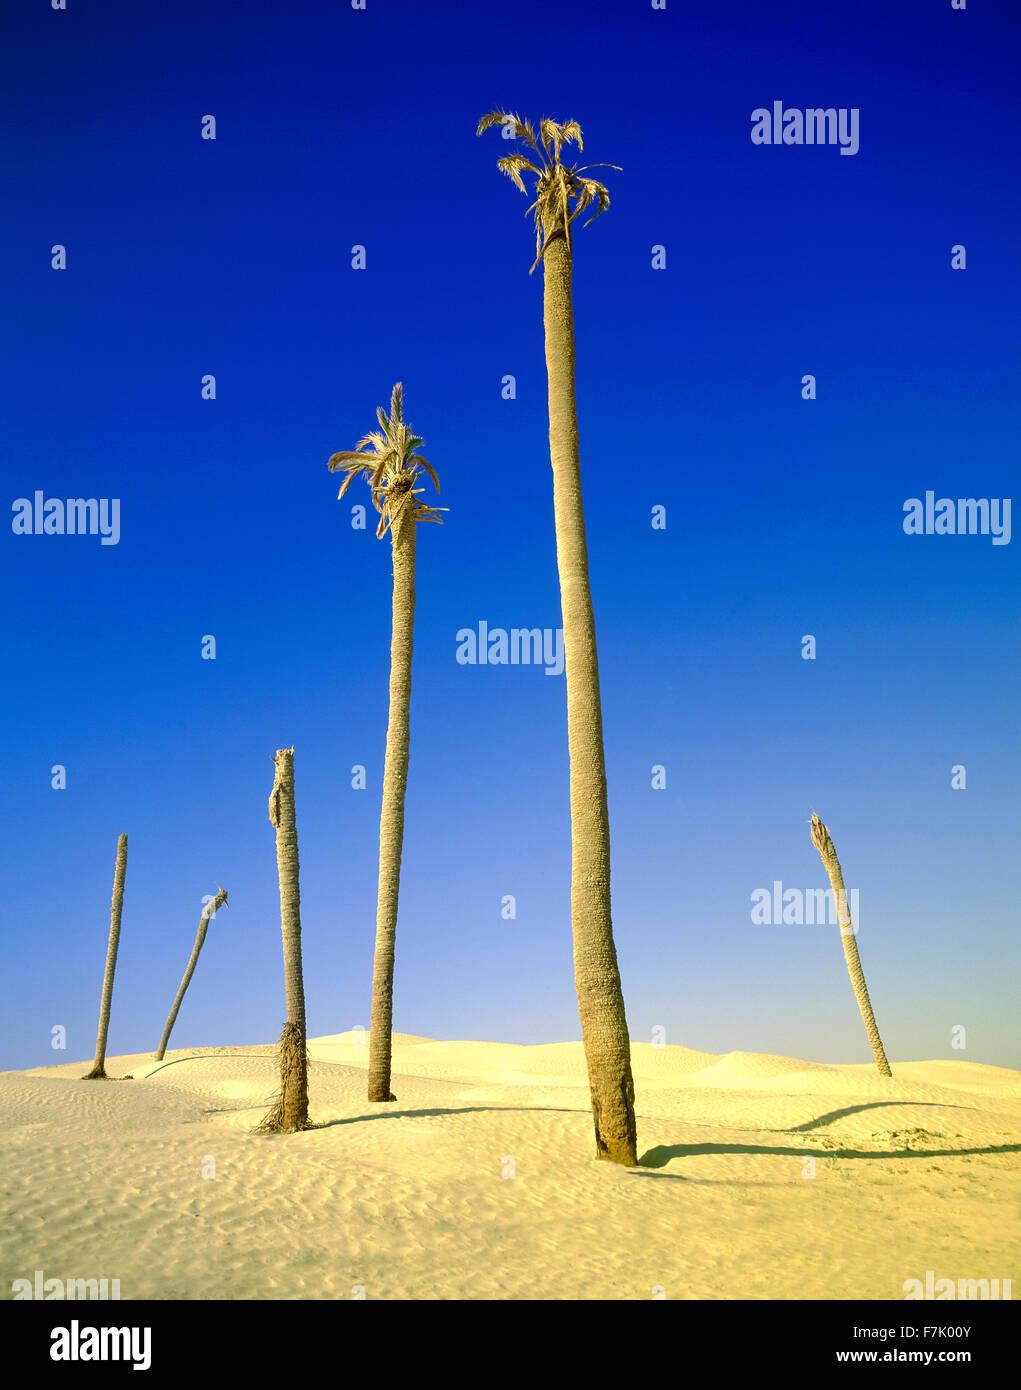 Dead palme della grande duna. Il deserto del Sahara. In corrispondenza dei bordi della piccola cittadina di Douz. Immagini Stock